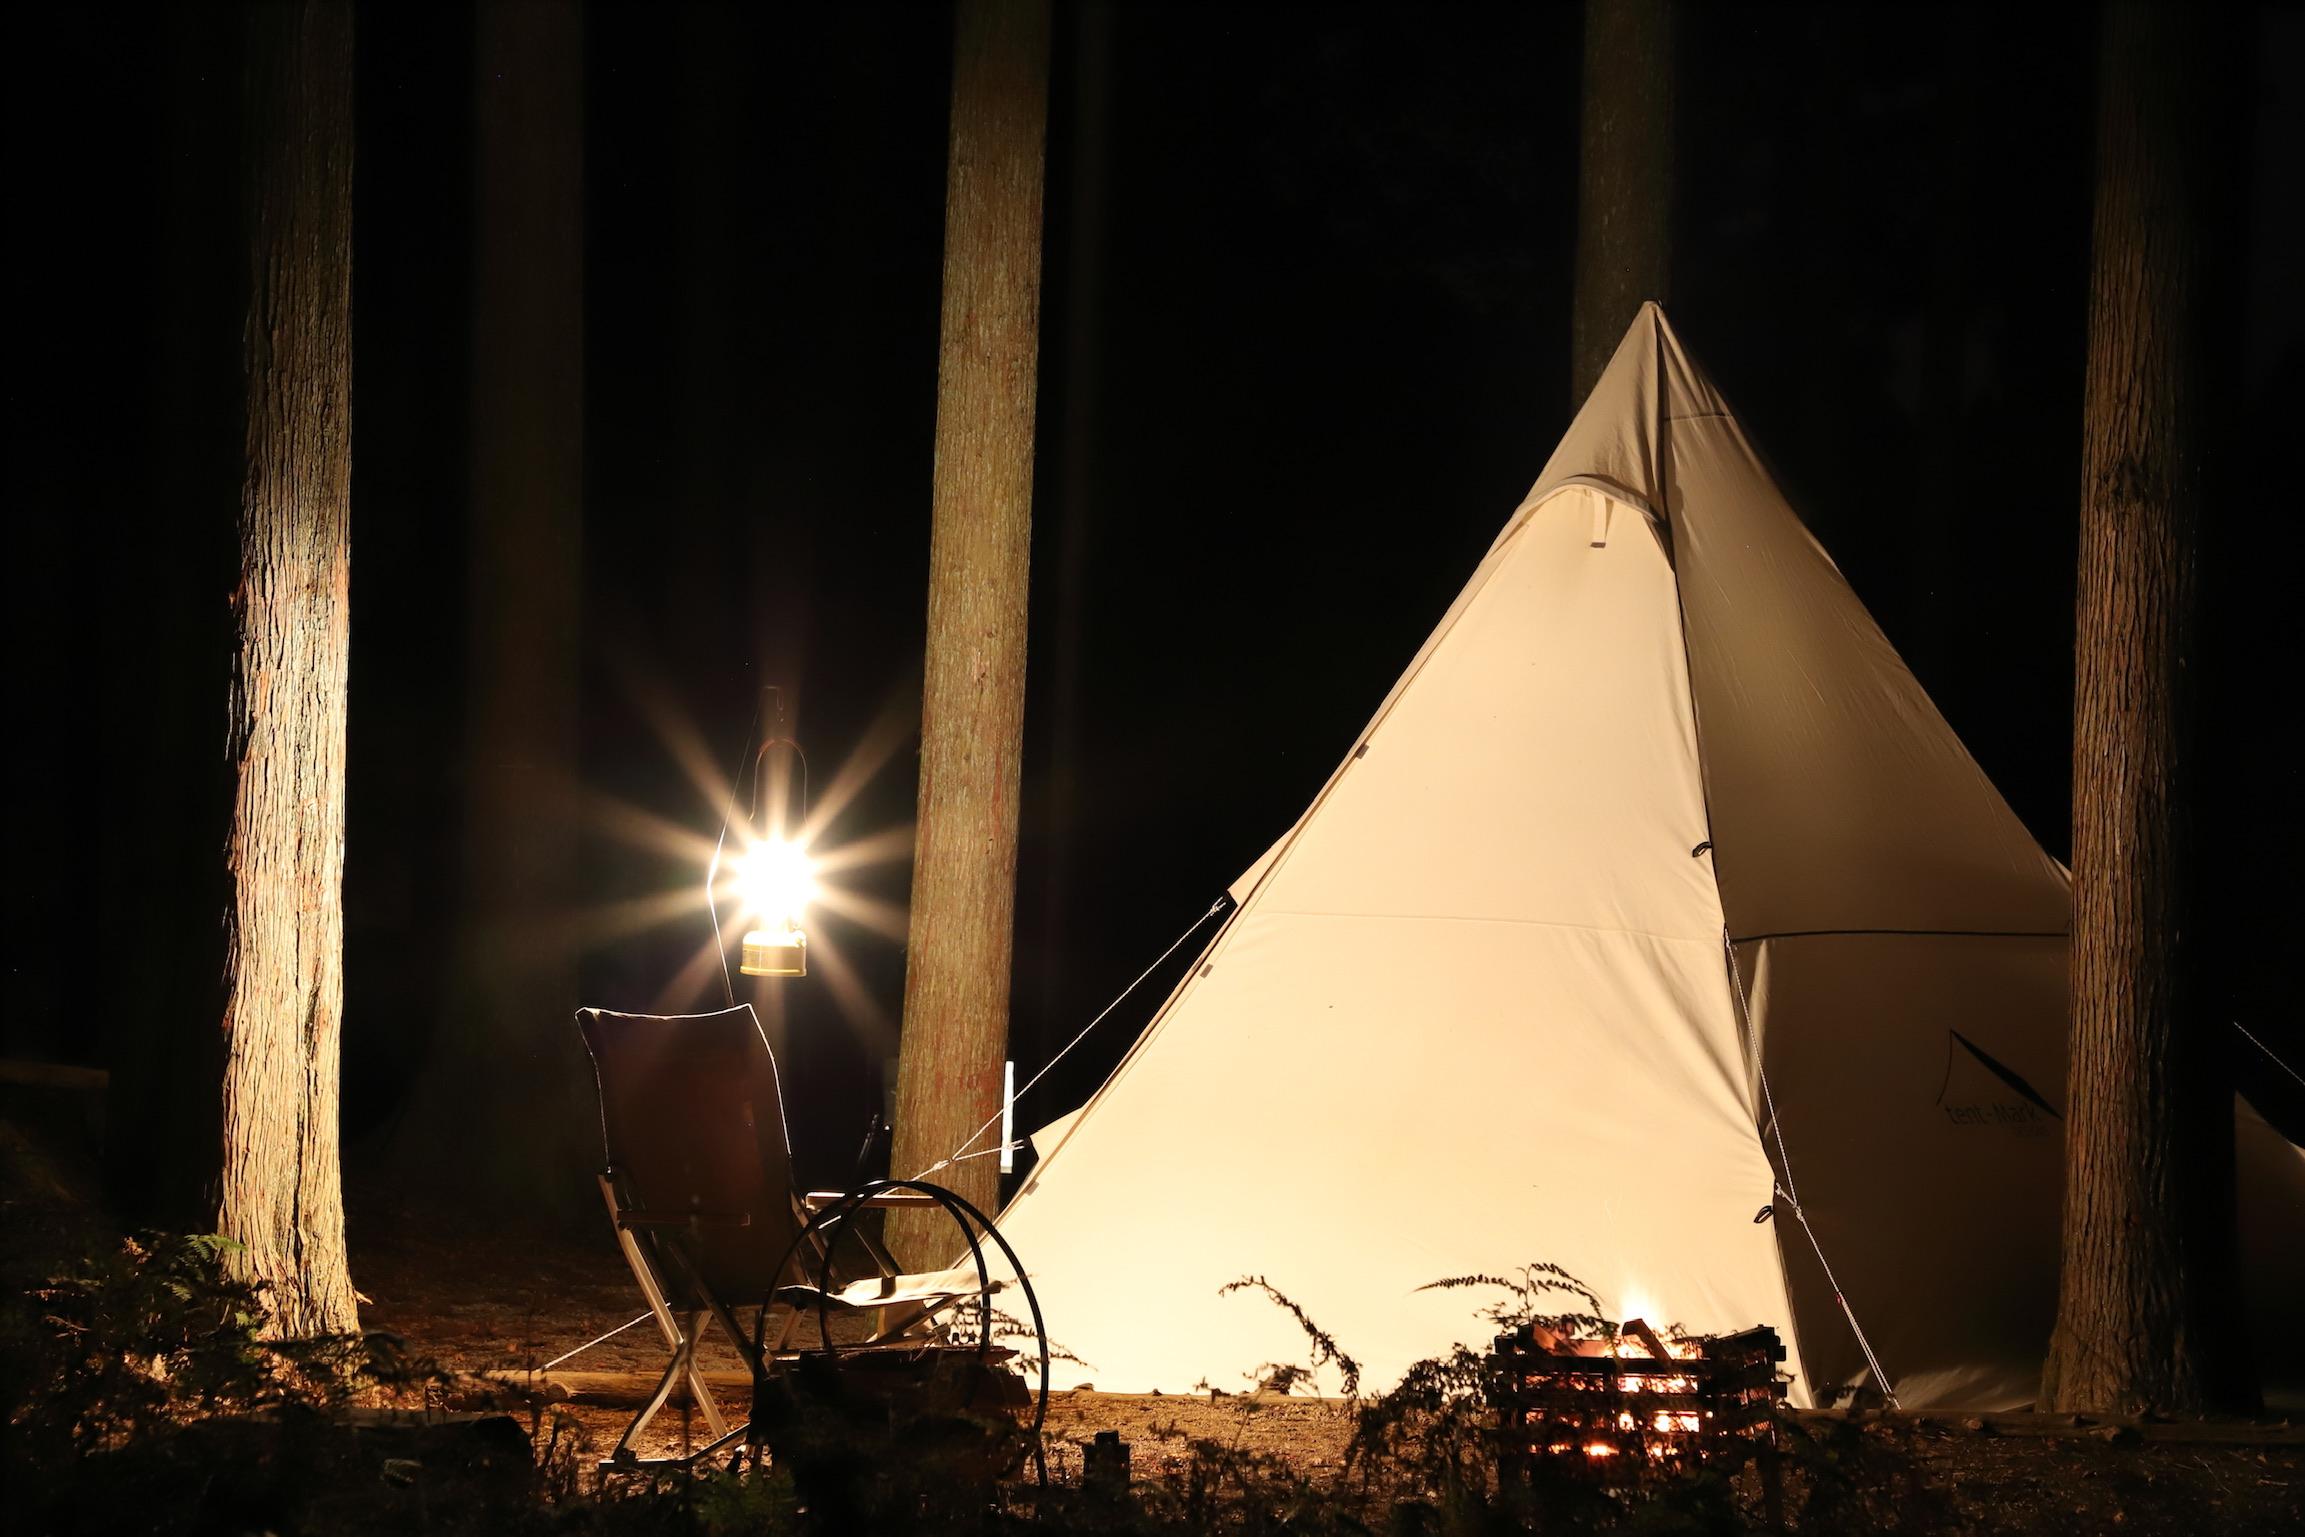 サイトの種類と自然多めのキャンプ場。かぶとの森テラス